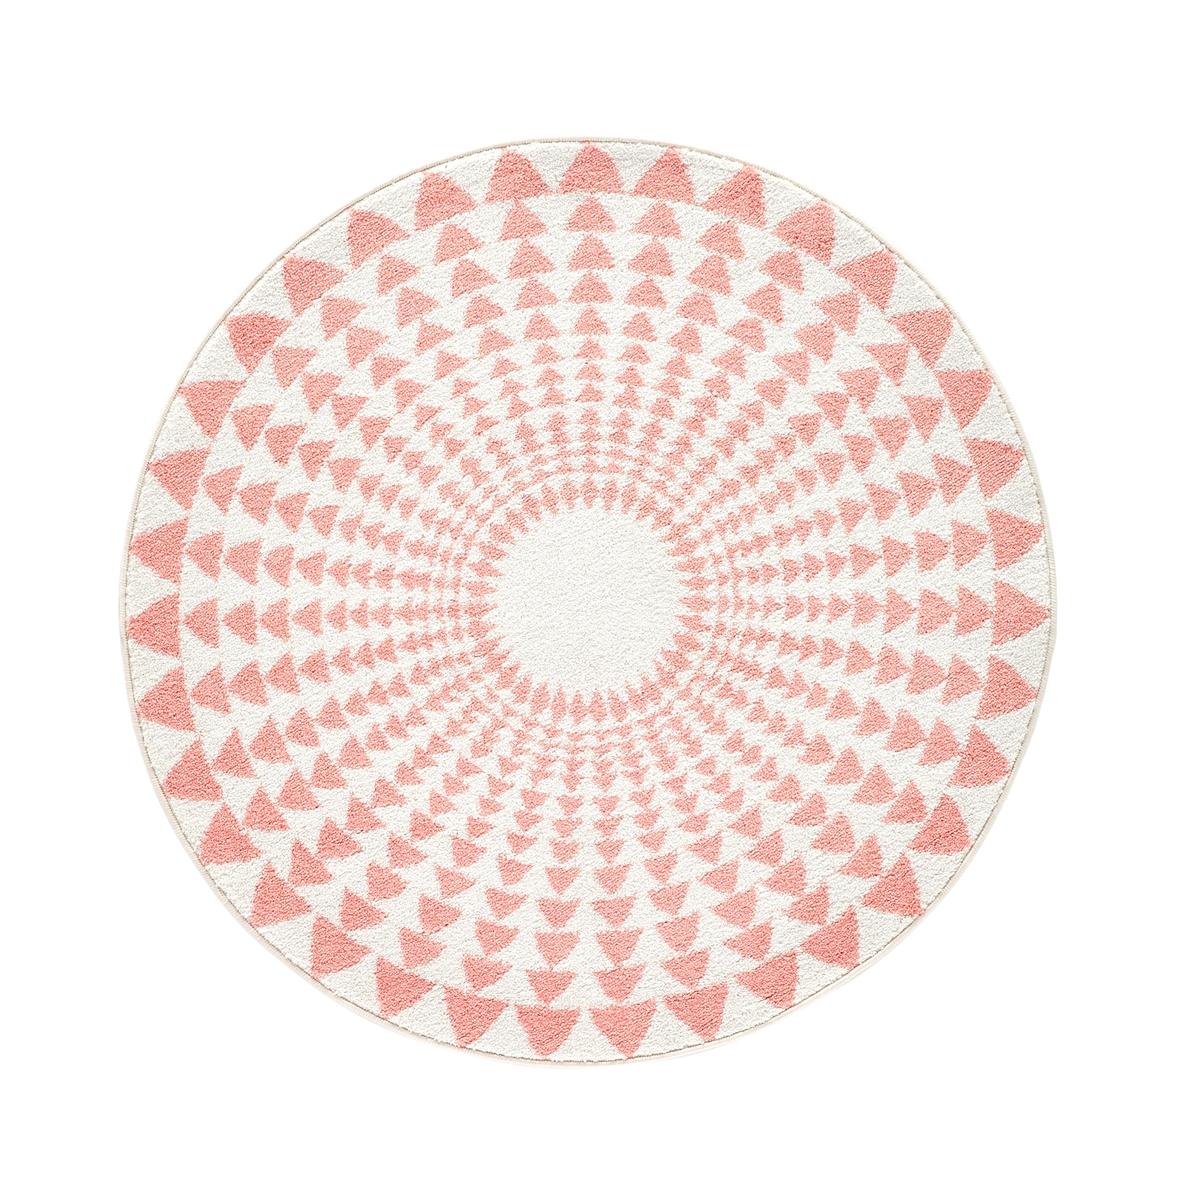 Ковер La Redoute Круглый детский Teed с рисунком треугольники диаметр 120 см белый ковер la redoute горизонтального плетения с рисунком цементная плитка iswik 120 x 170 см бежевый